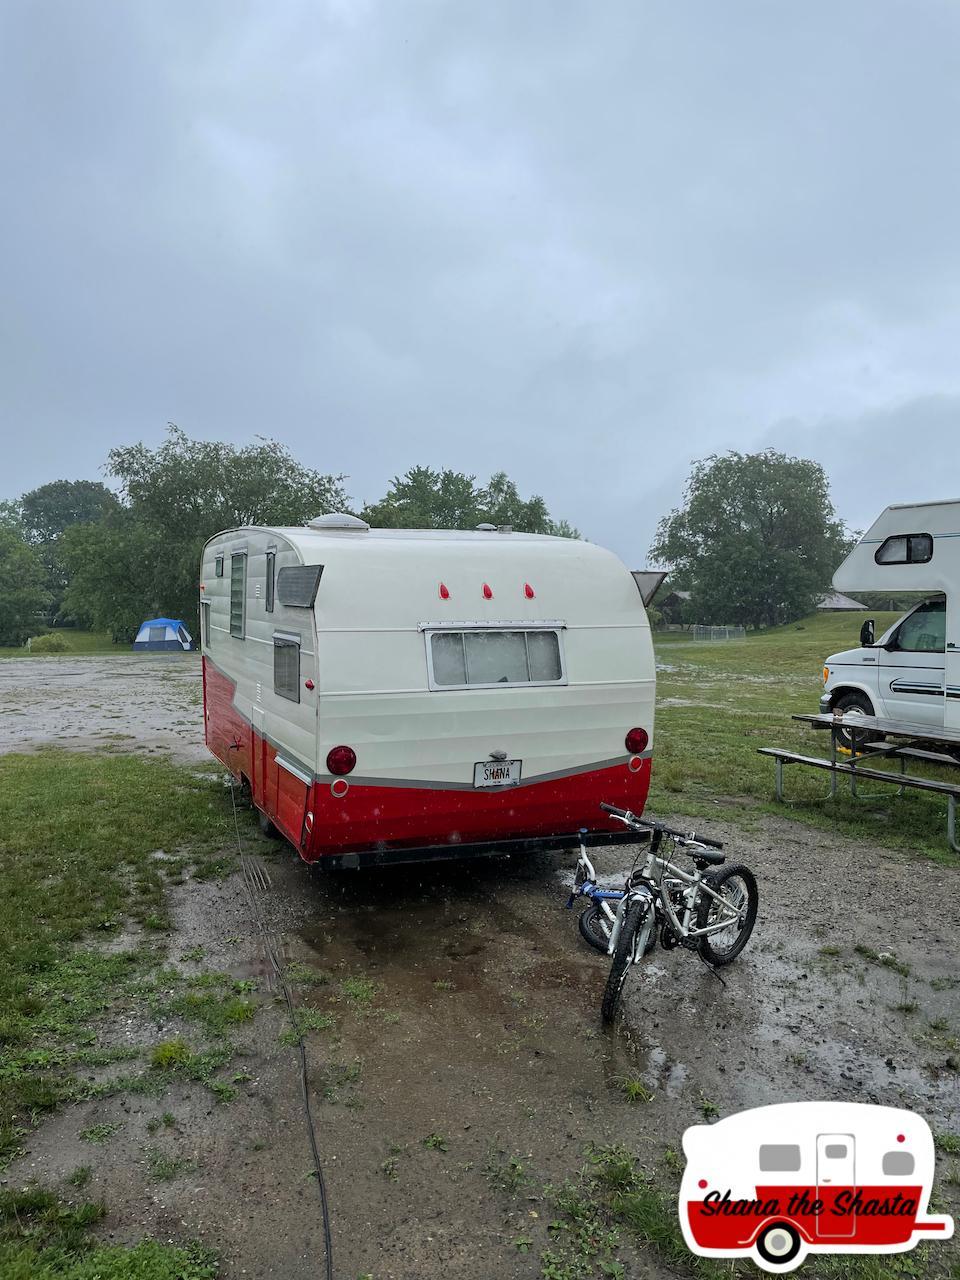 Rainy-Campsite-50-in-Salem